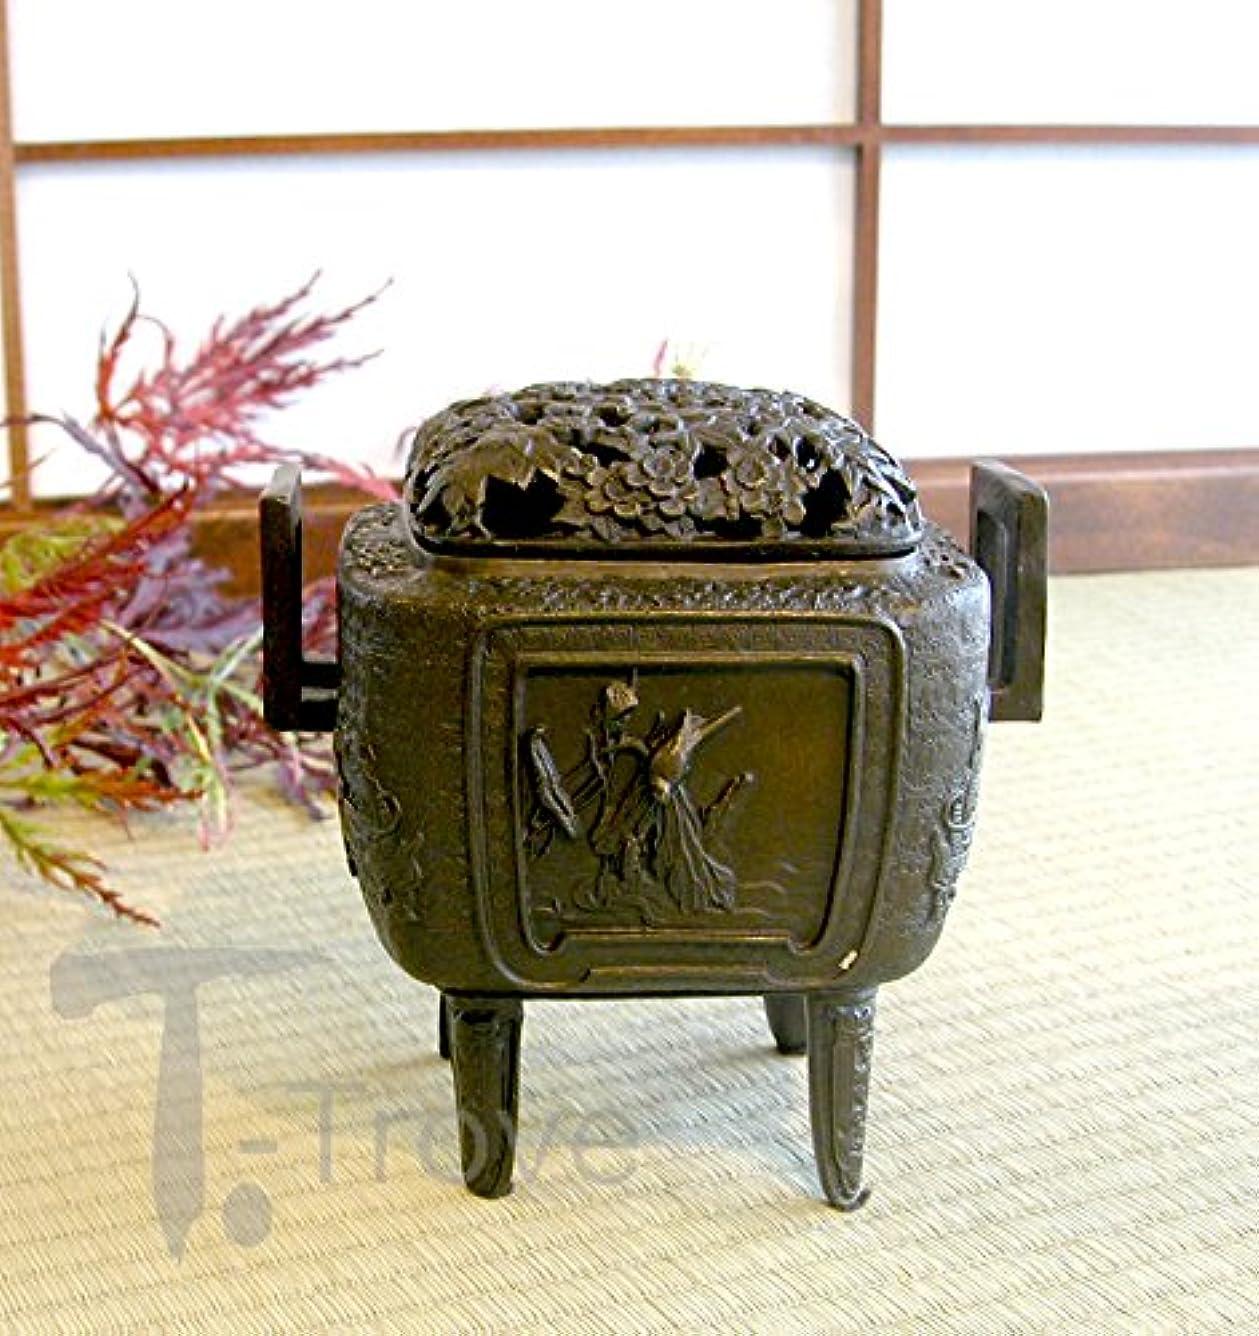 経済的郵便局差別ブロンズ正方形Incense Burner with Maple , Cherry Blossom and Dragon motives